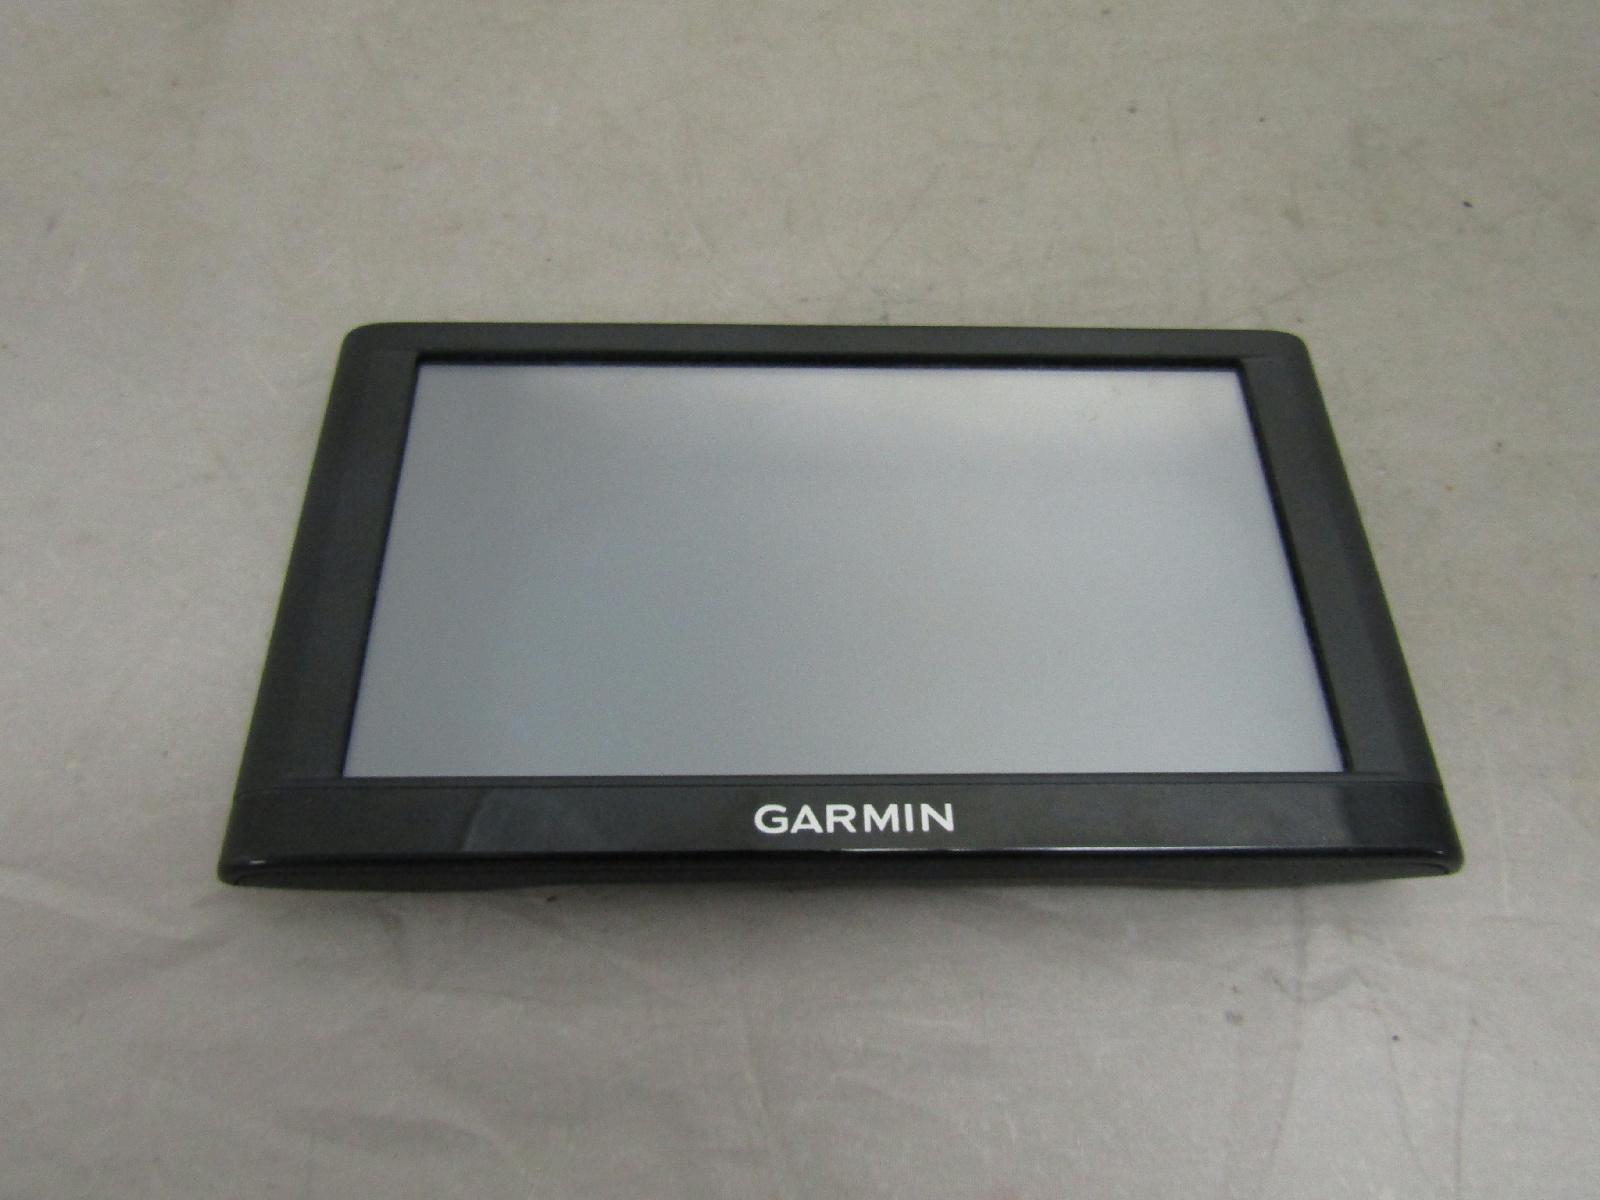 garmin nuvi 65lm gps navigation system 6 screen lifetime. Black Bedroom Furniture Sets. Home Design Ideas